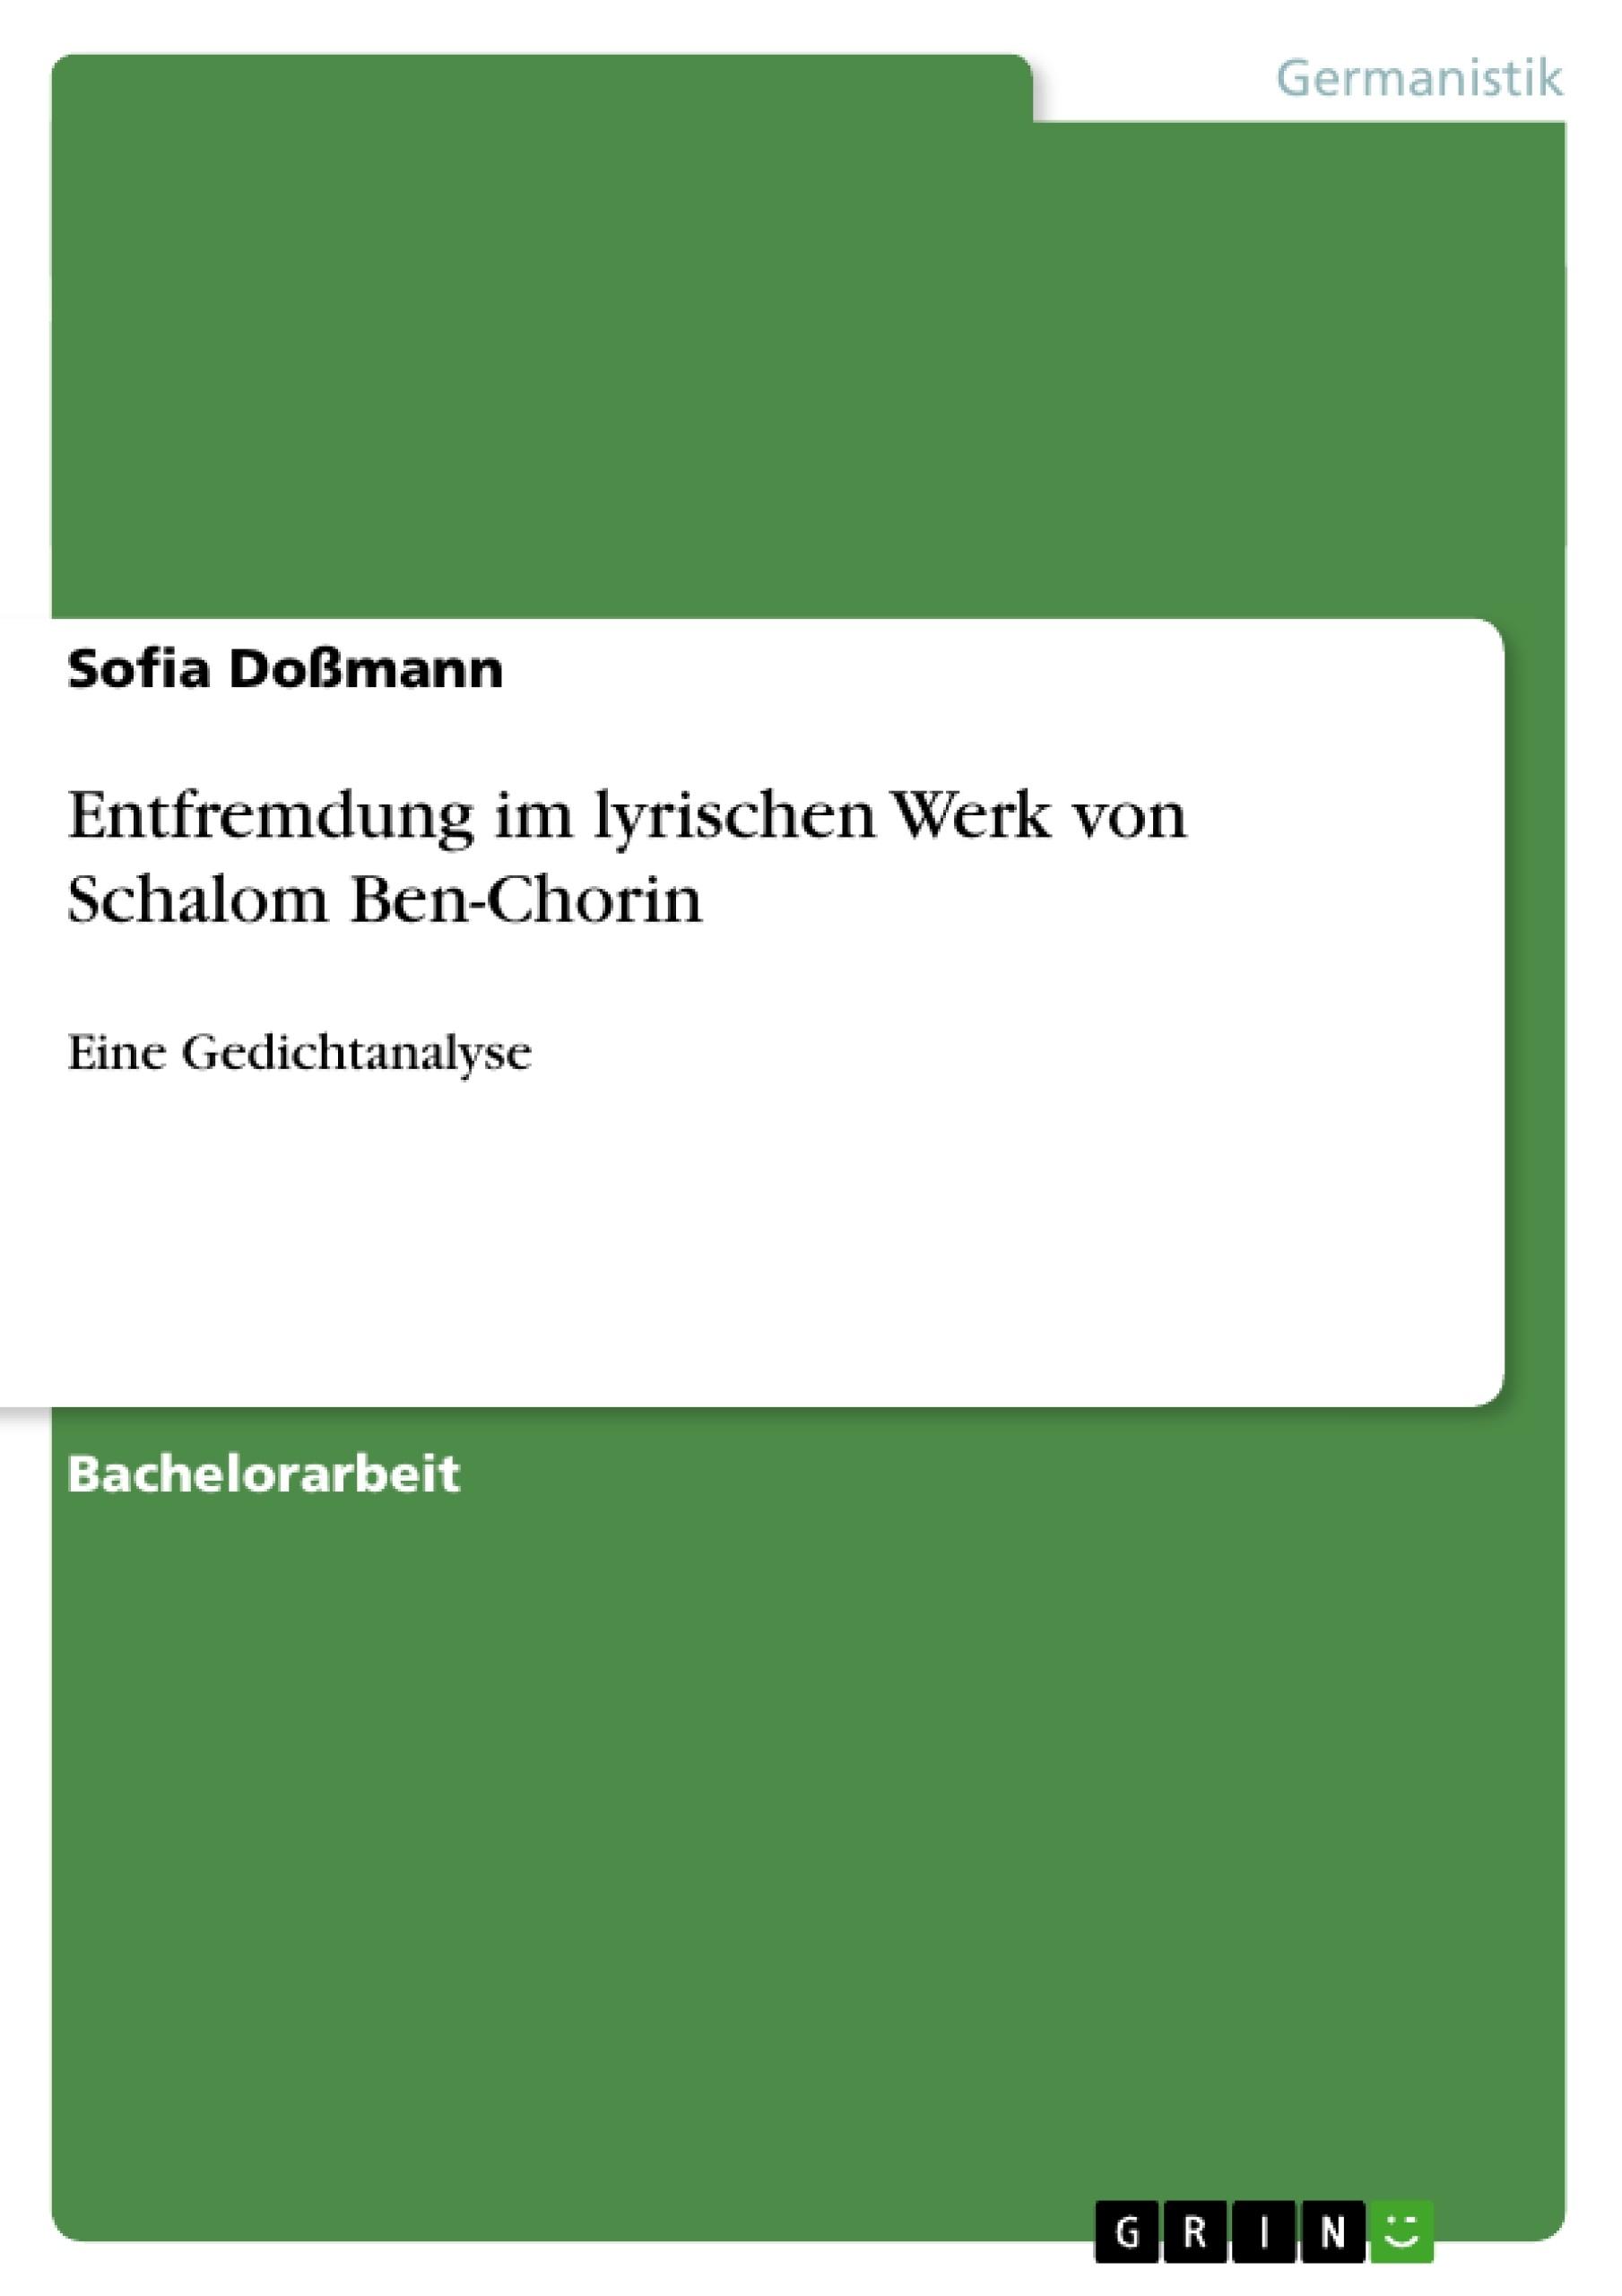 Titel: Entfremdung im lyrischen Werk von Schalom Ben-Chorin